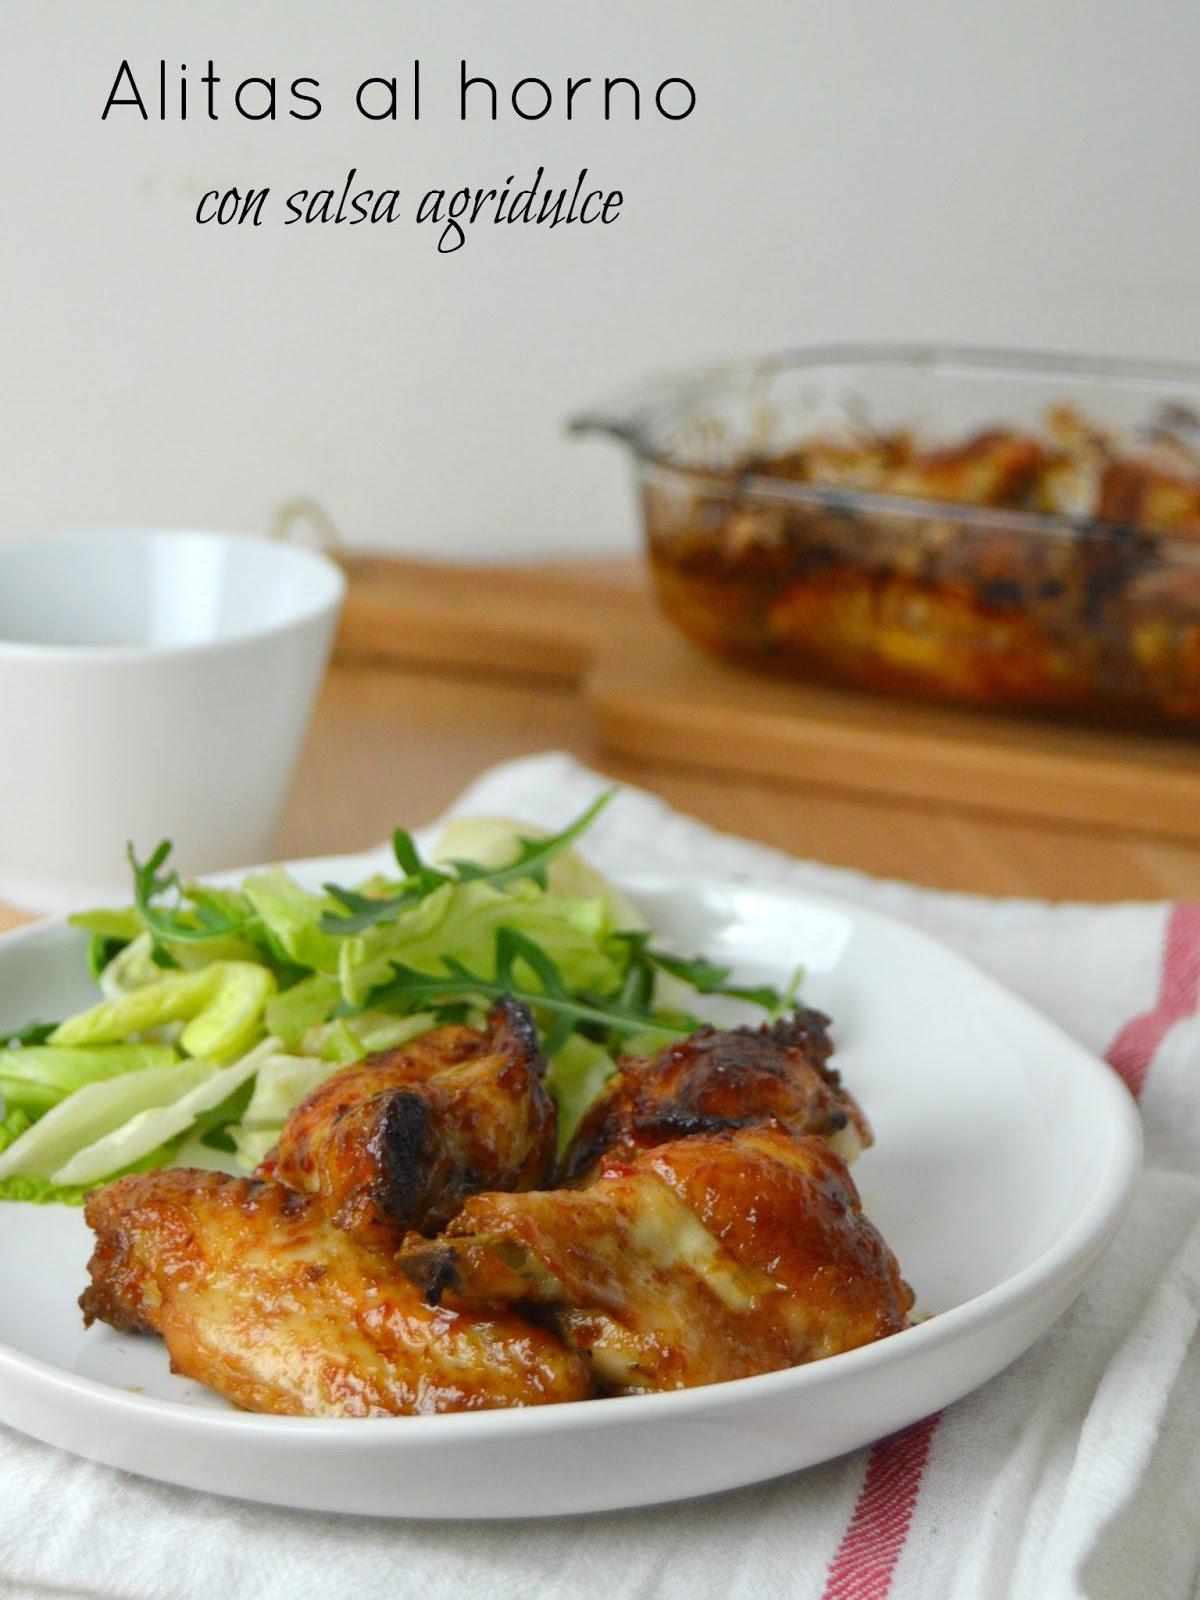 Alitas al horno con salsa agridulce de ketchup heinz - Salsa para verduras al horno ...